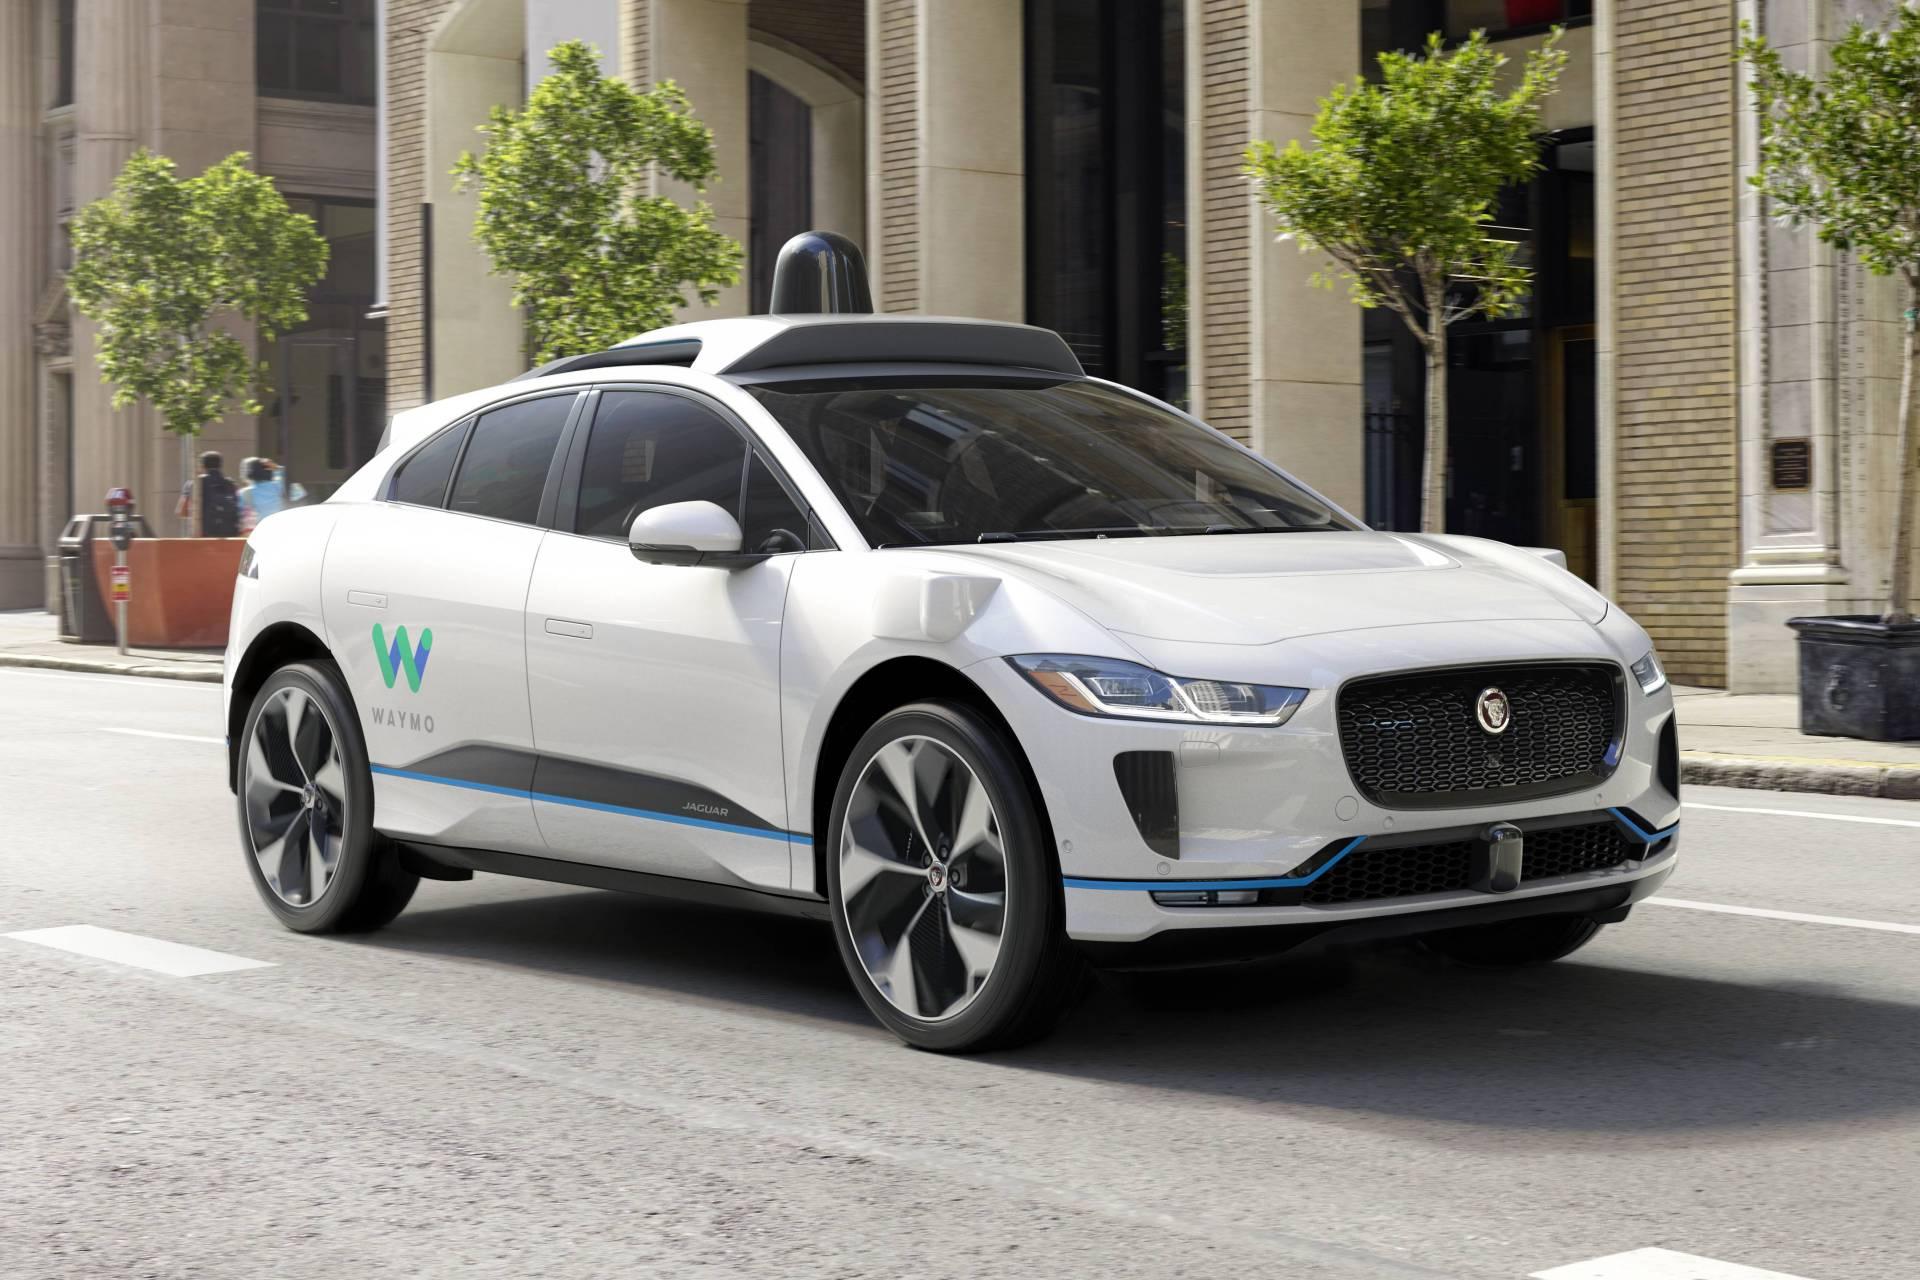 扩大业务范围,LG将以2.4亿美元收购汽车网络安全公司